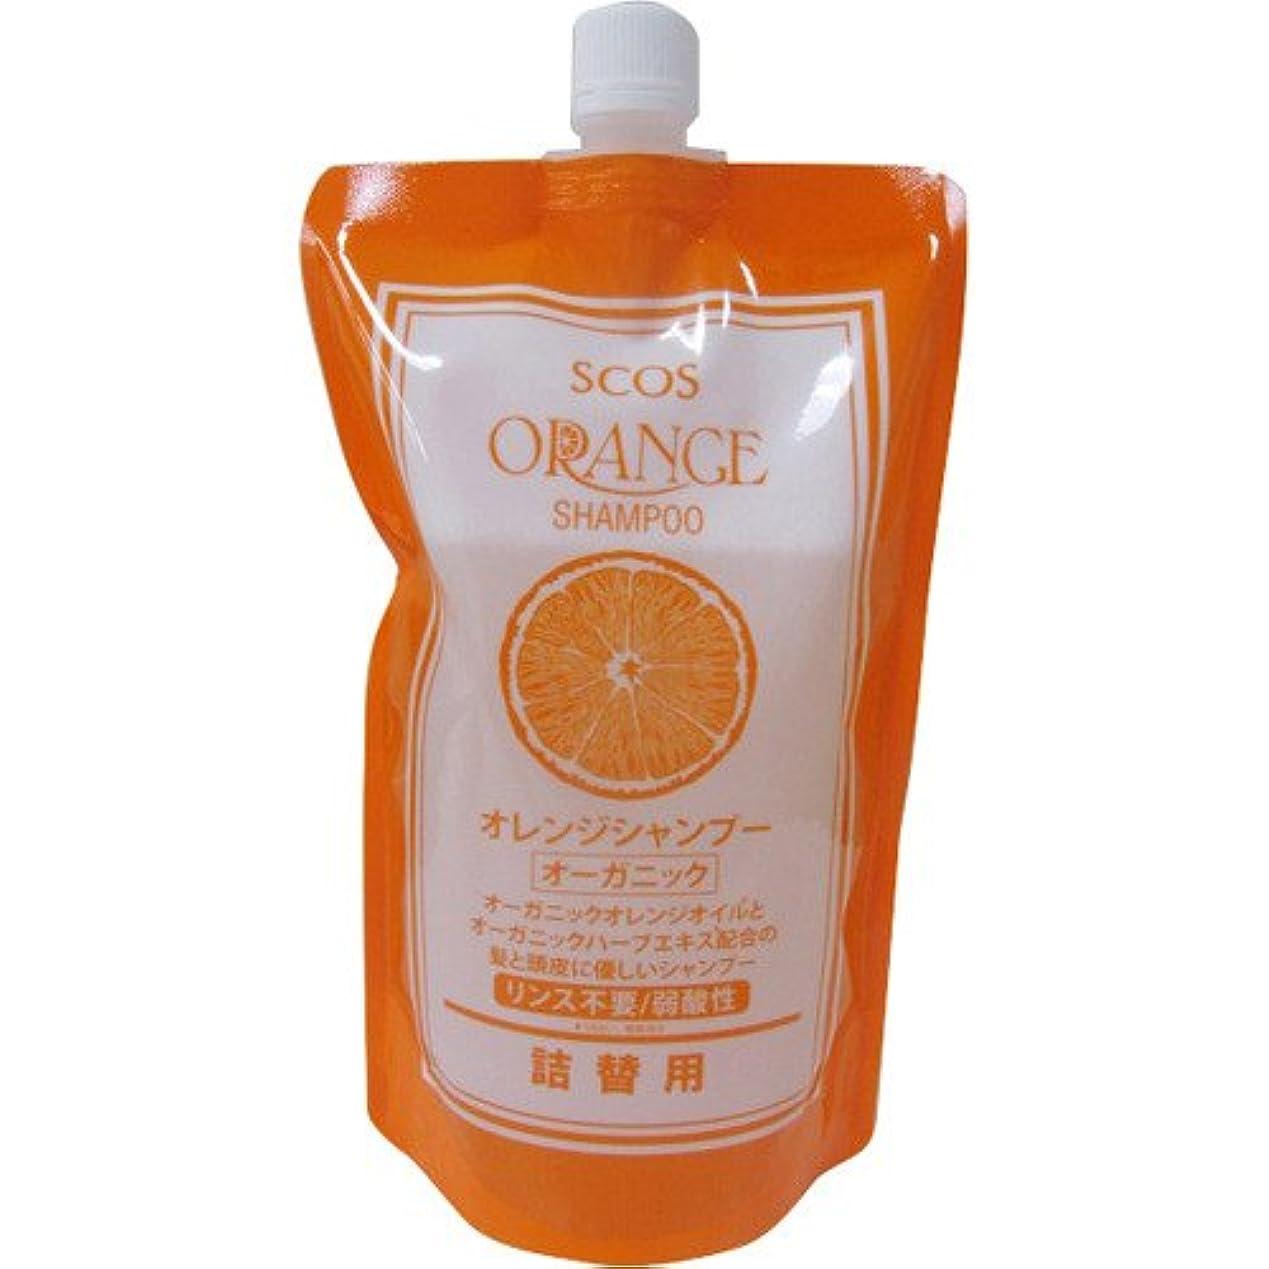 エージェント申込み励起エスコス オレンジシャンプーオーガニック 詰替用 700ml